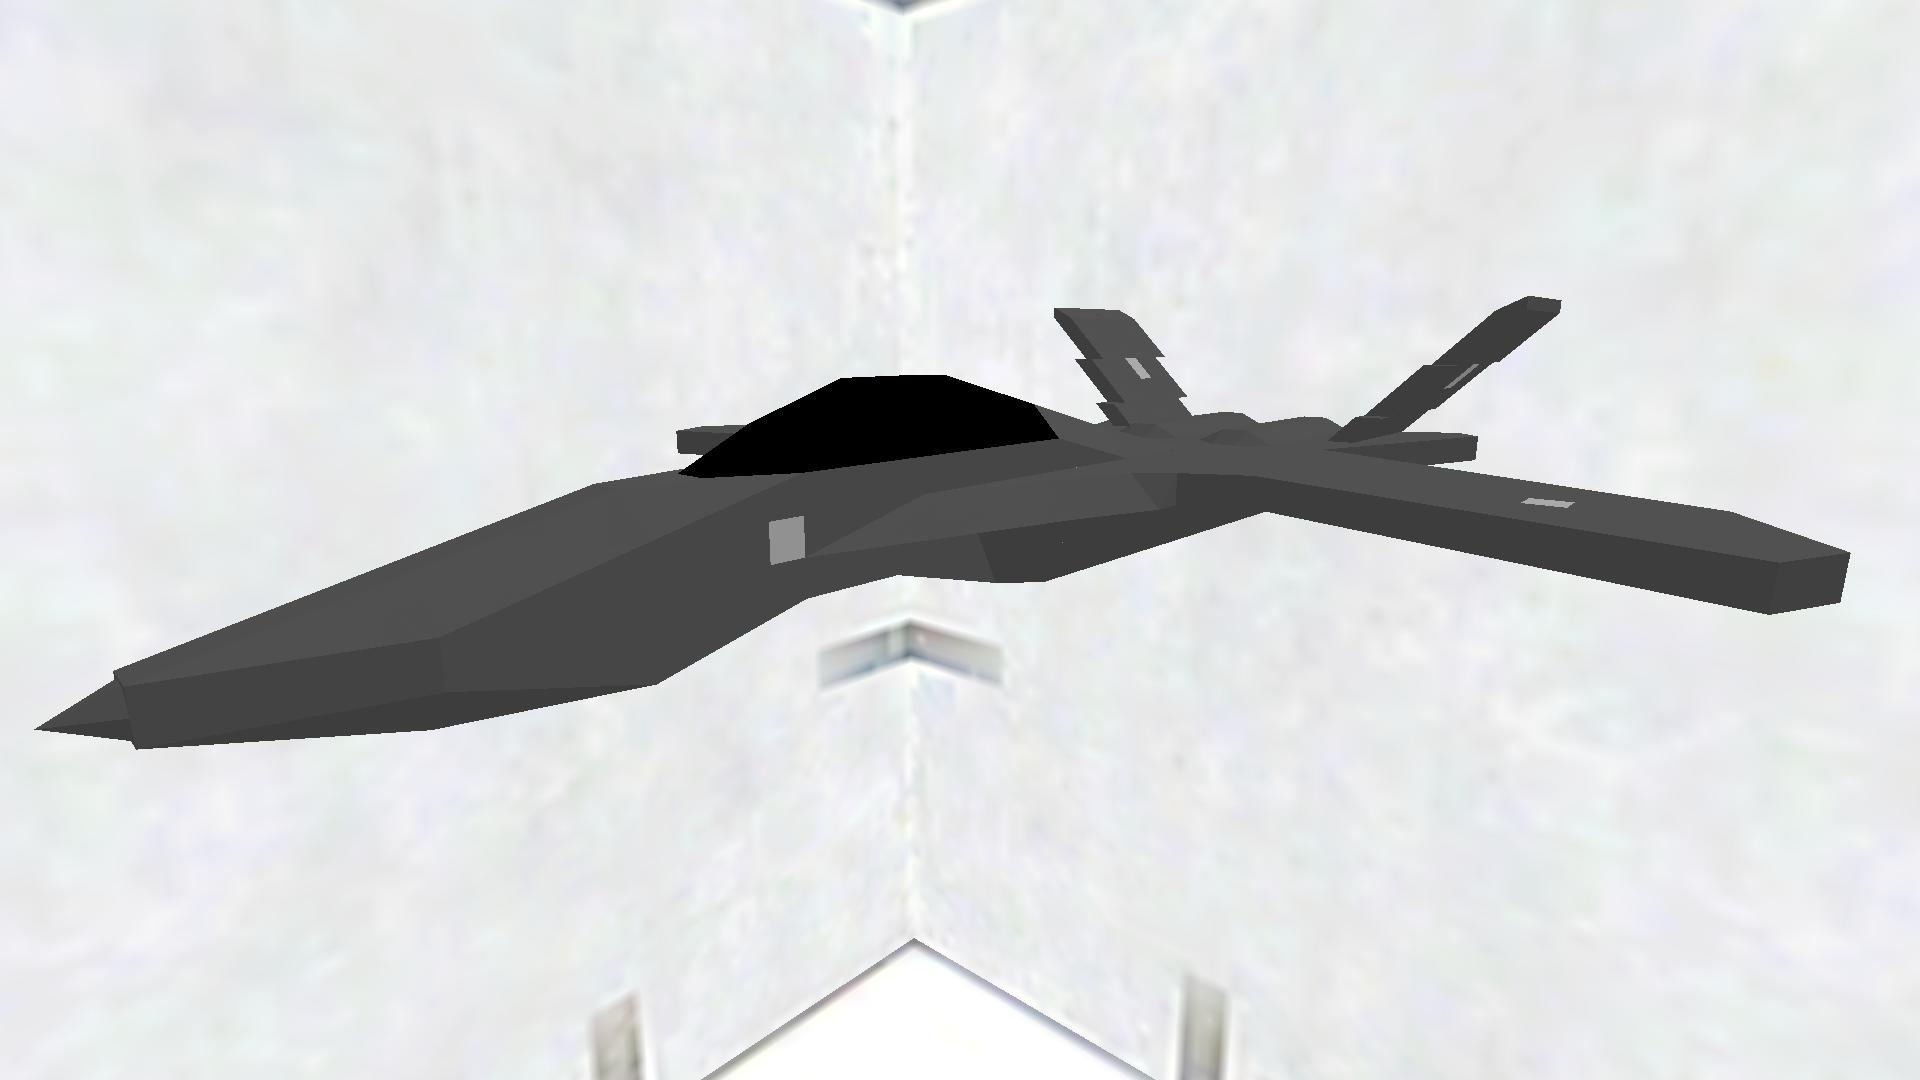 F-21s